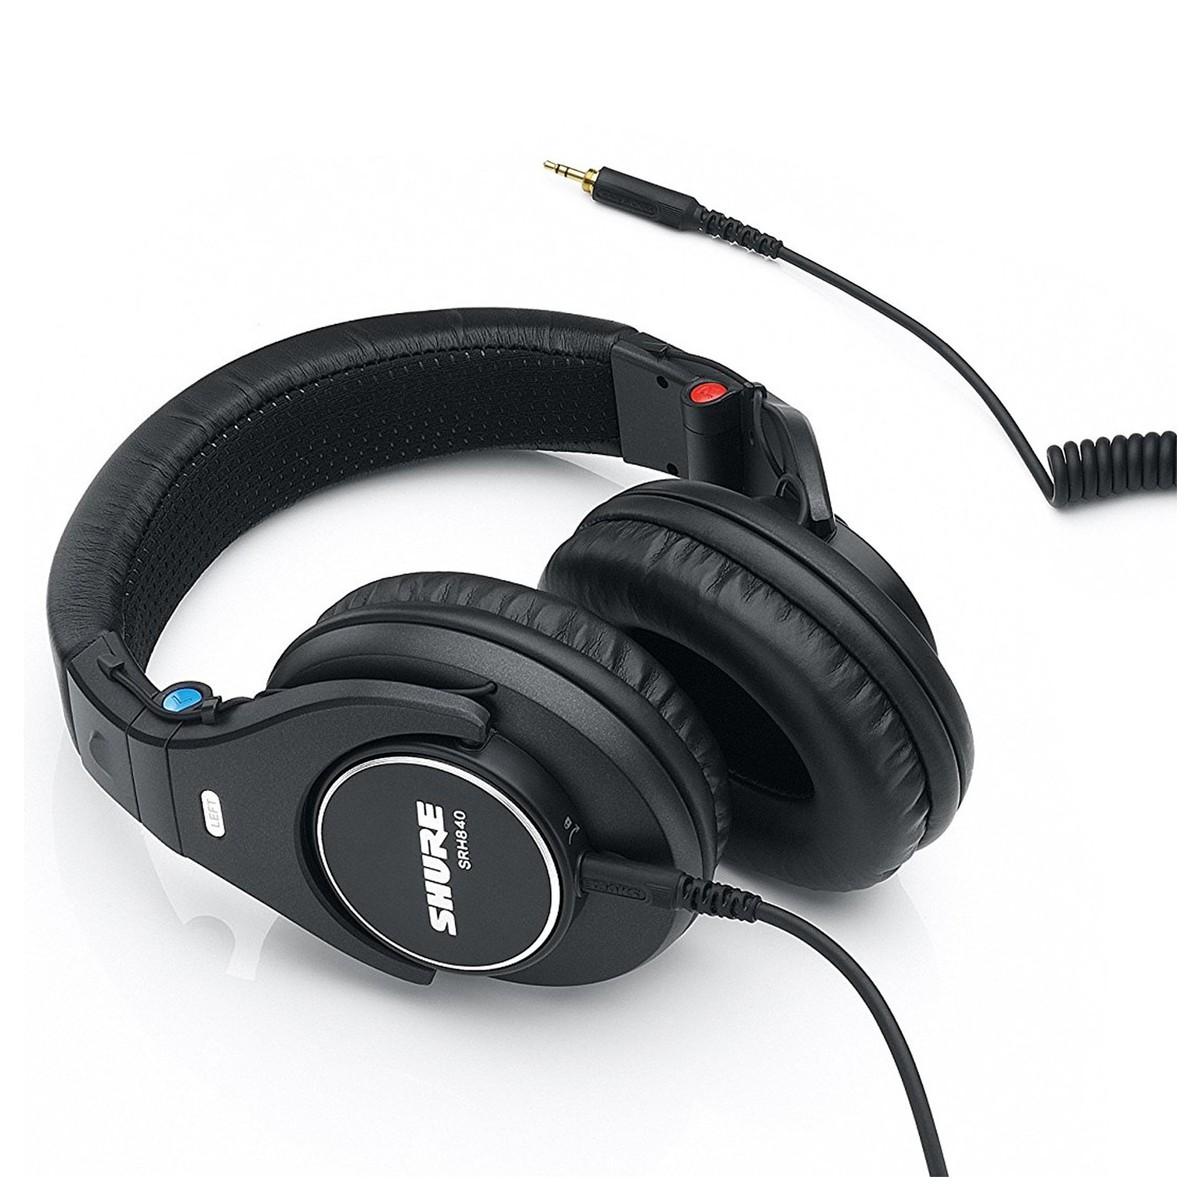 Shure SRH840 Professioneller Referenz Studiokopfhörer bei Gear4music